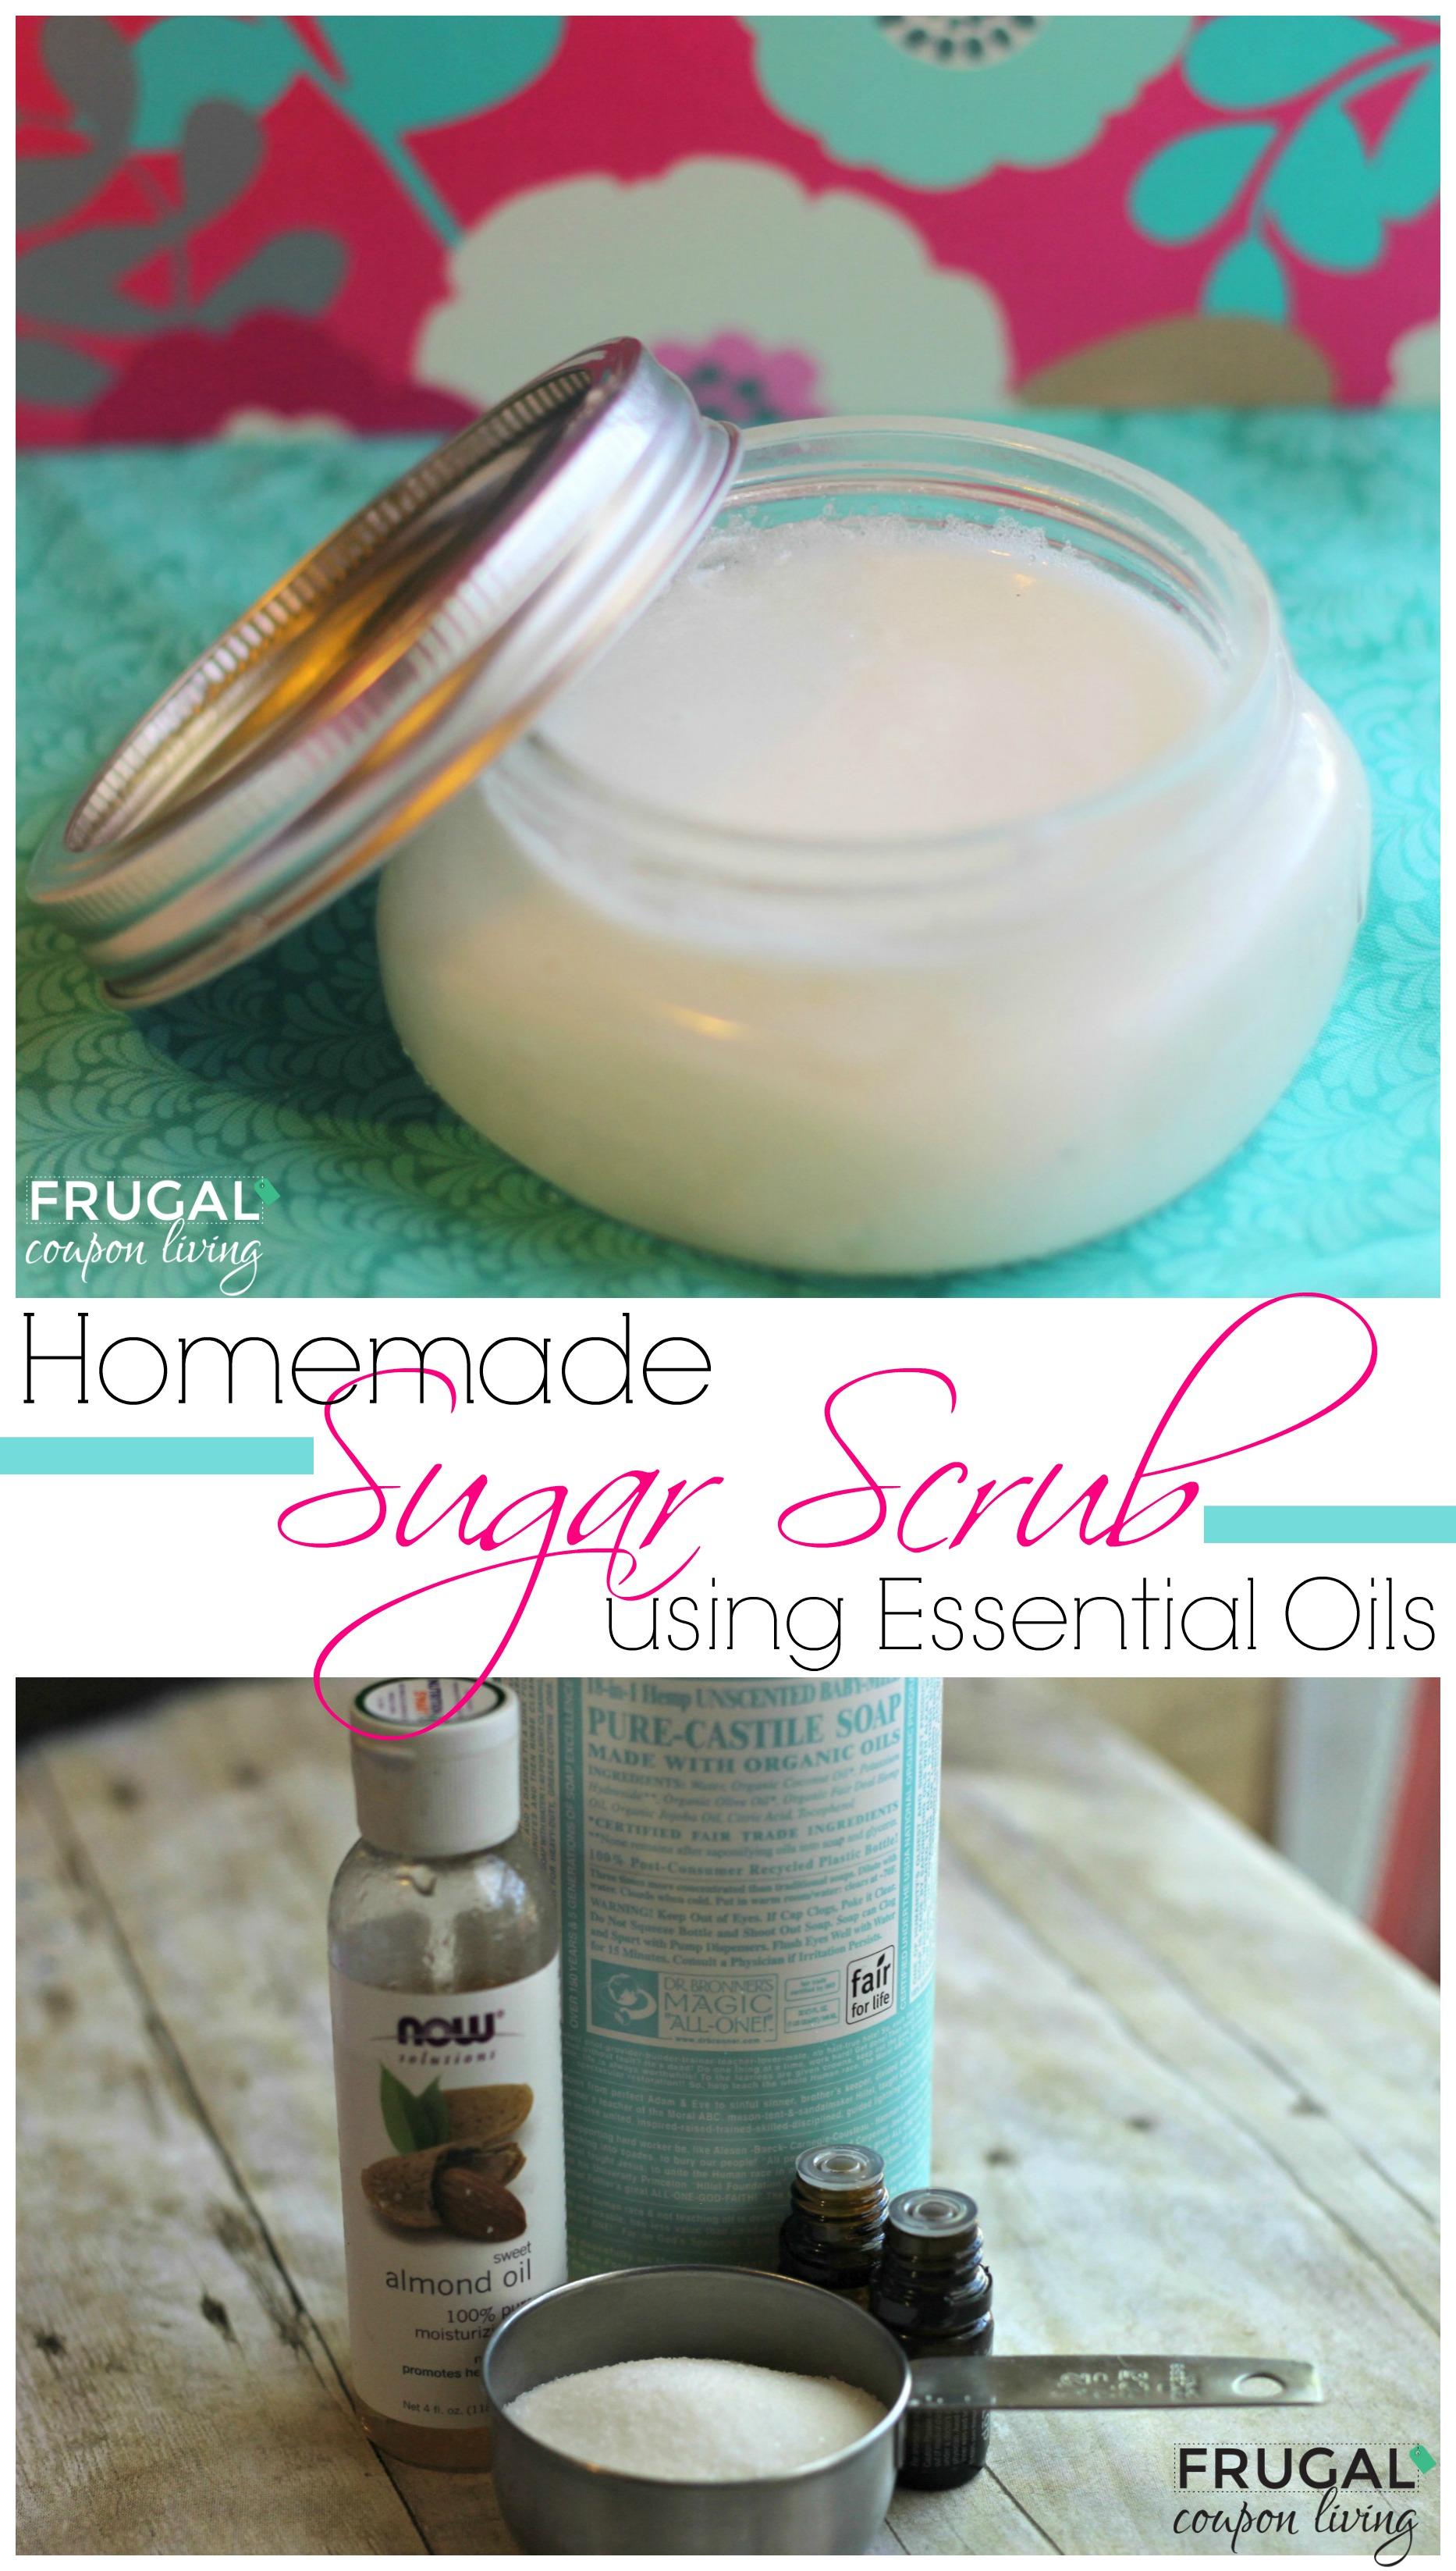 homemade-essential-oil-sugar-scrub-recipe-frugal-coupon-living